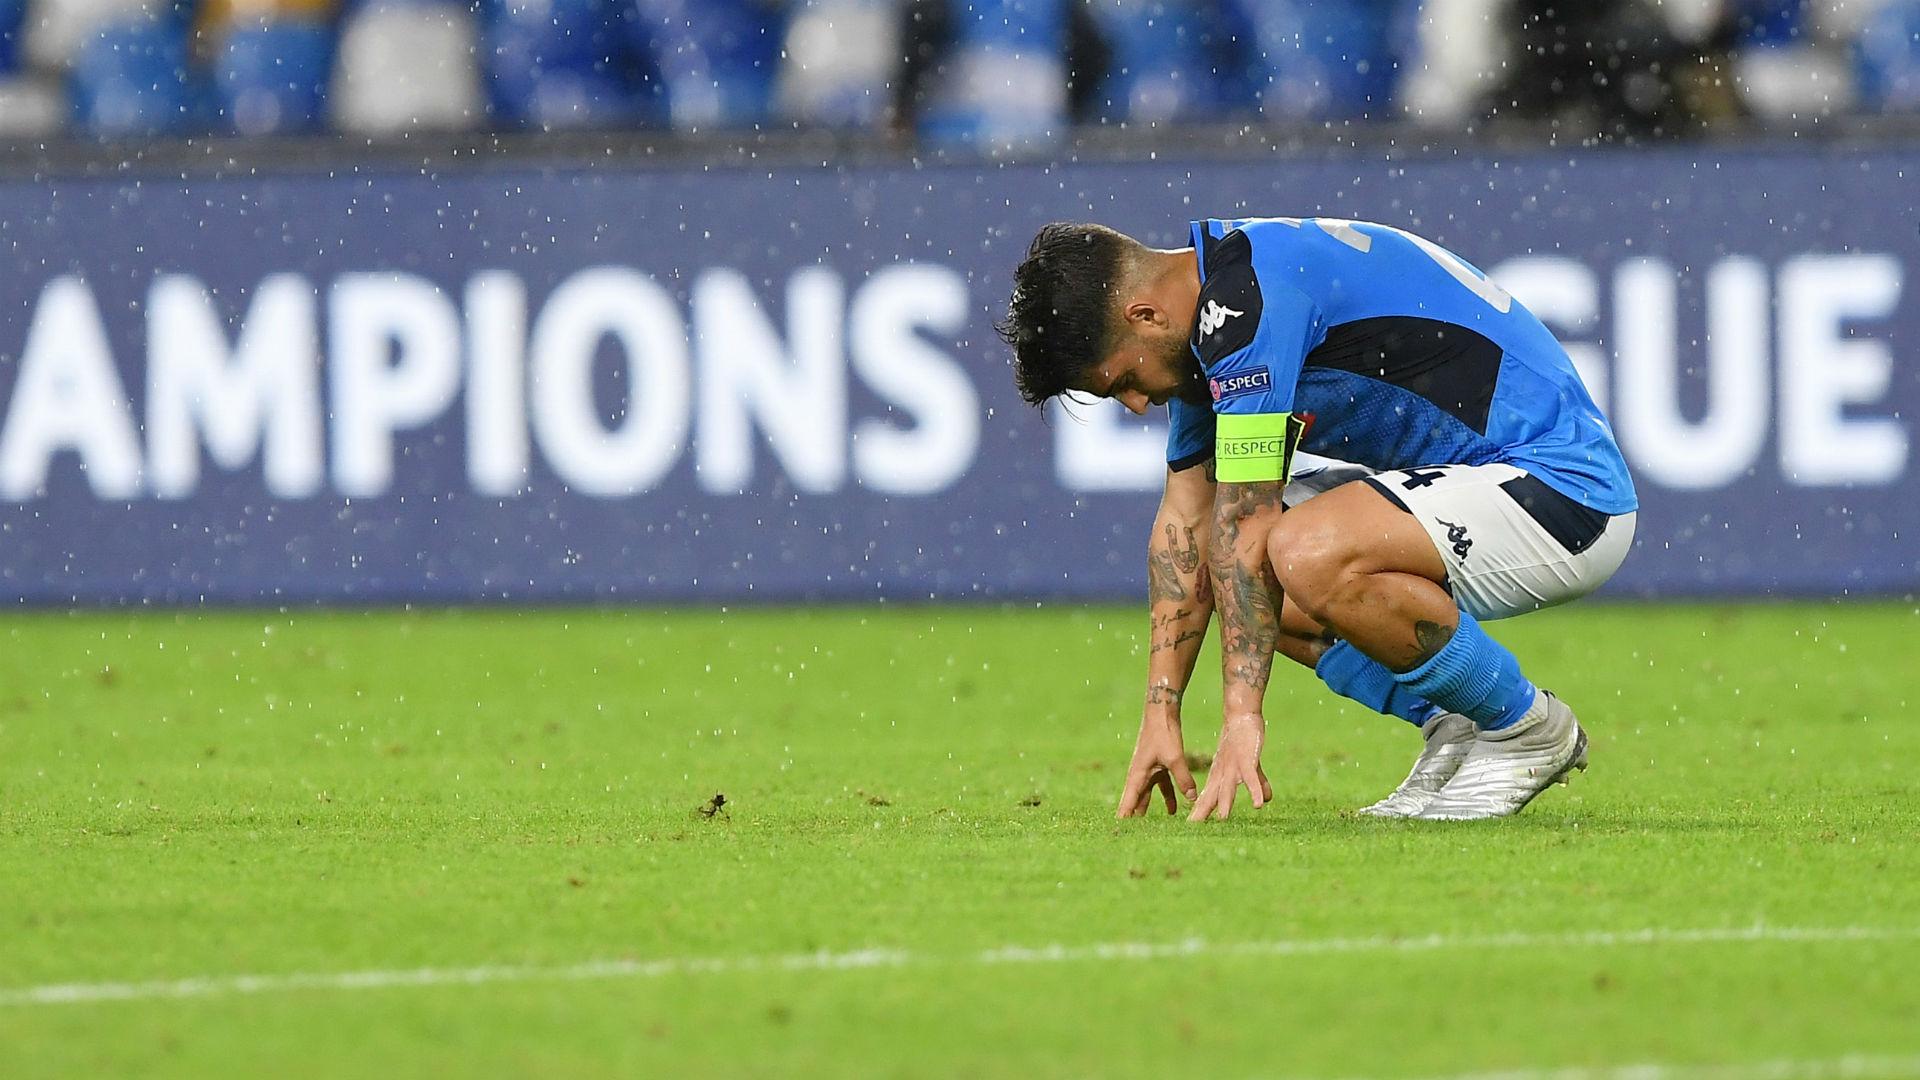 Napoli, ammutinamento dal ritiro: la decisione di De Laurentiis